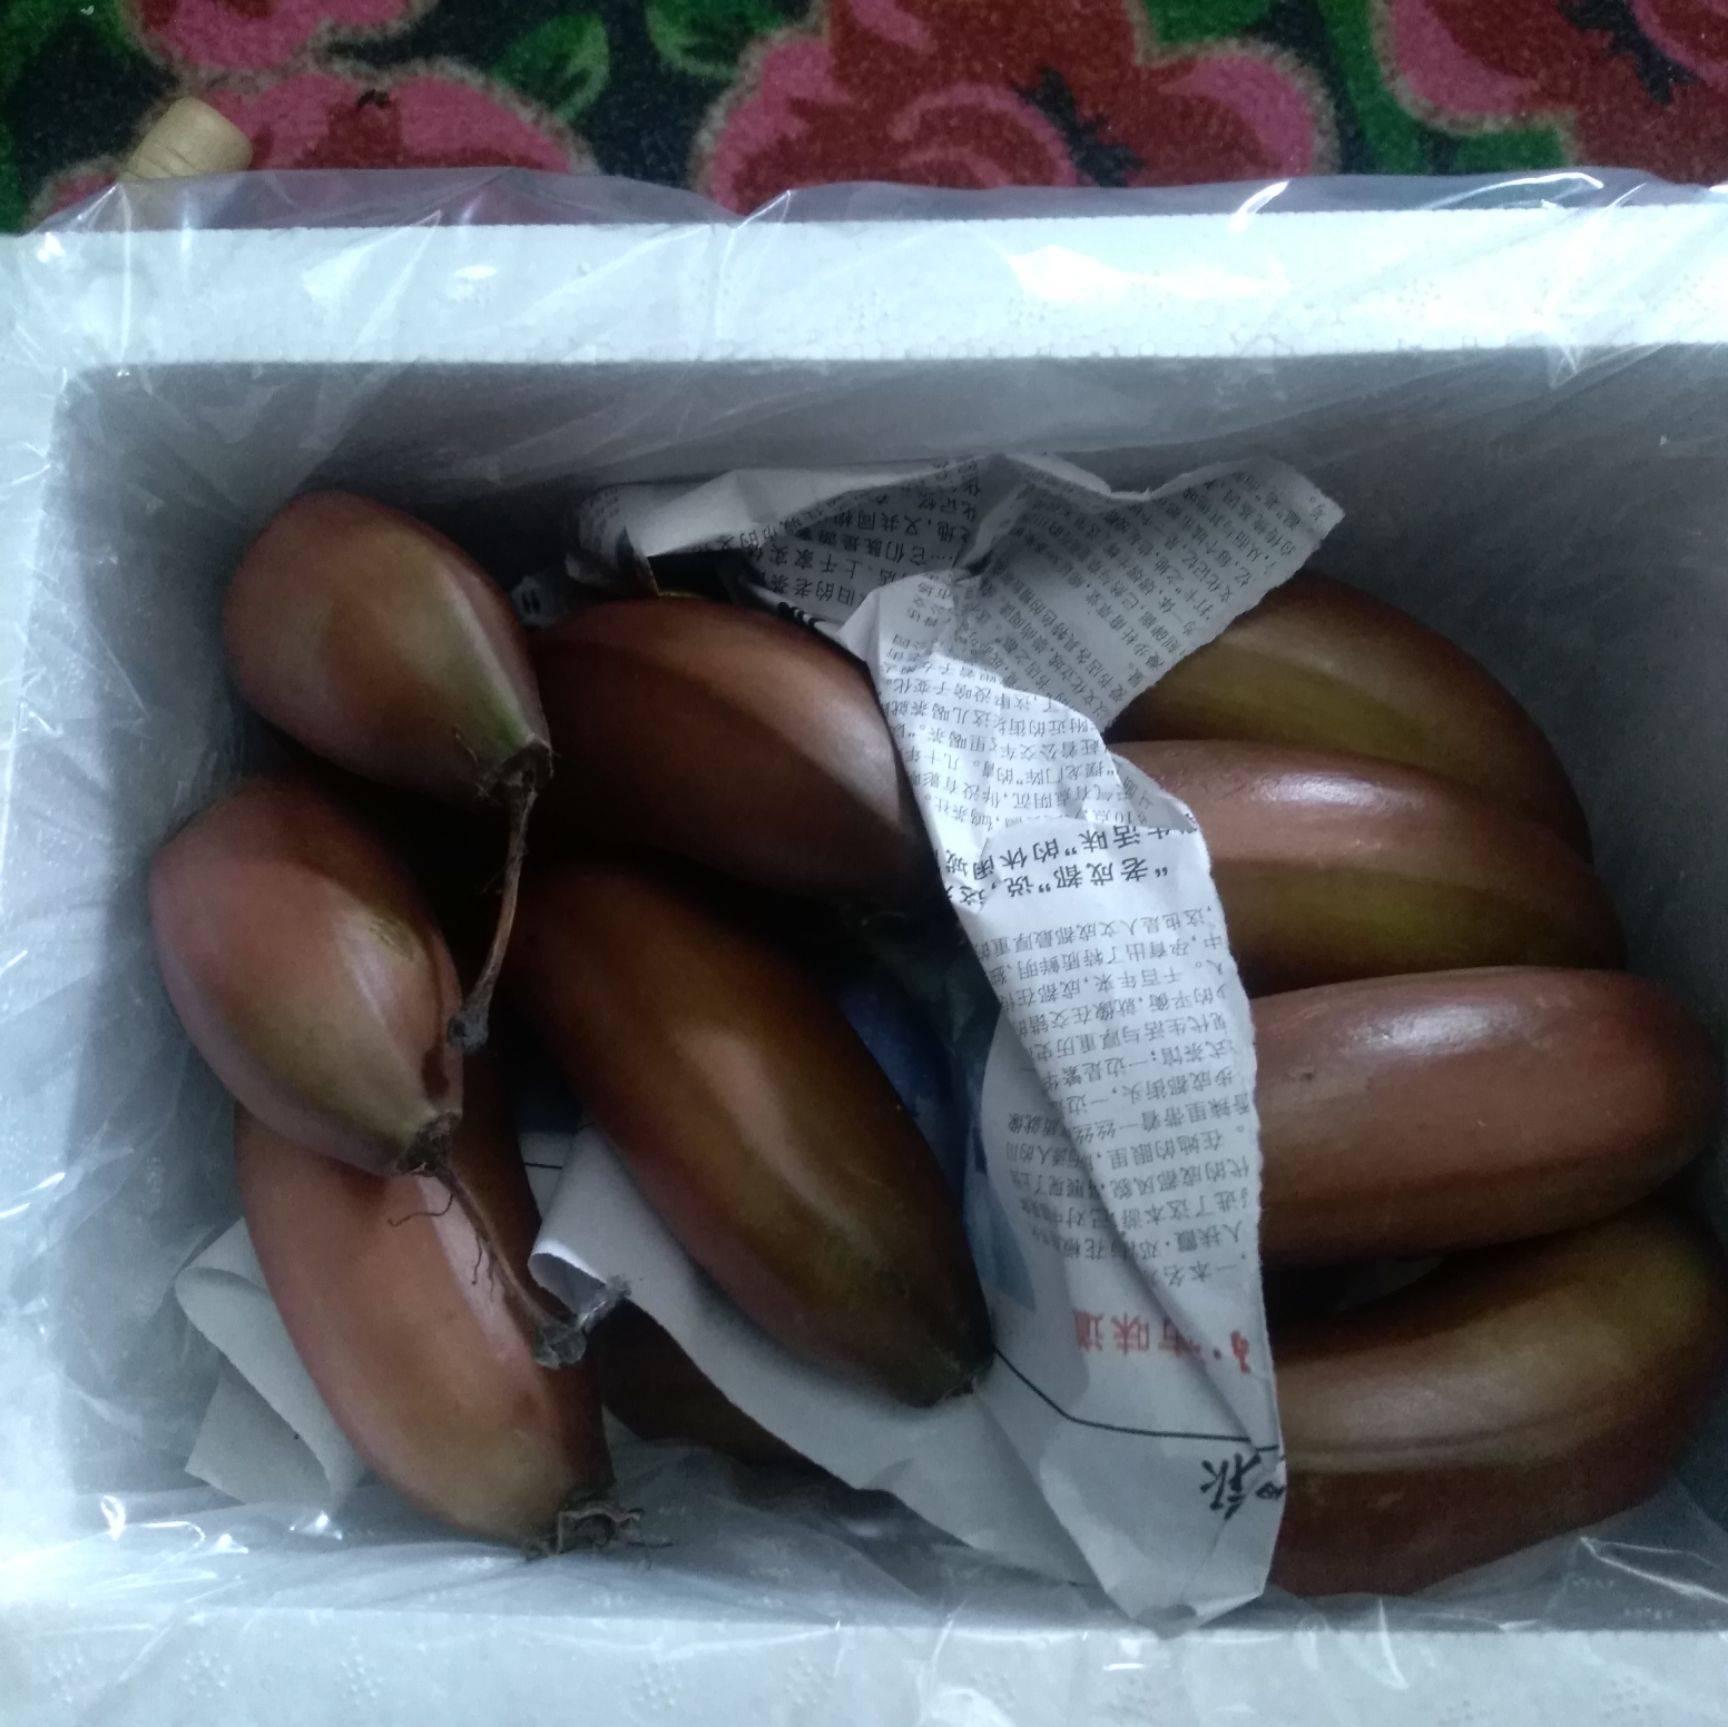 紅香蕉 只發一級果生蕉發貨沒有催熟劑更健康泡沫箱+真空凈重5斤包郵